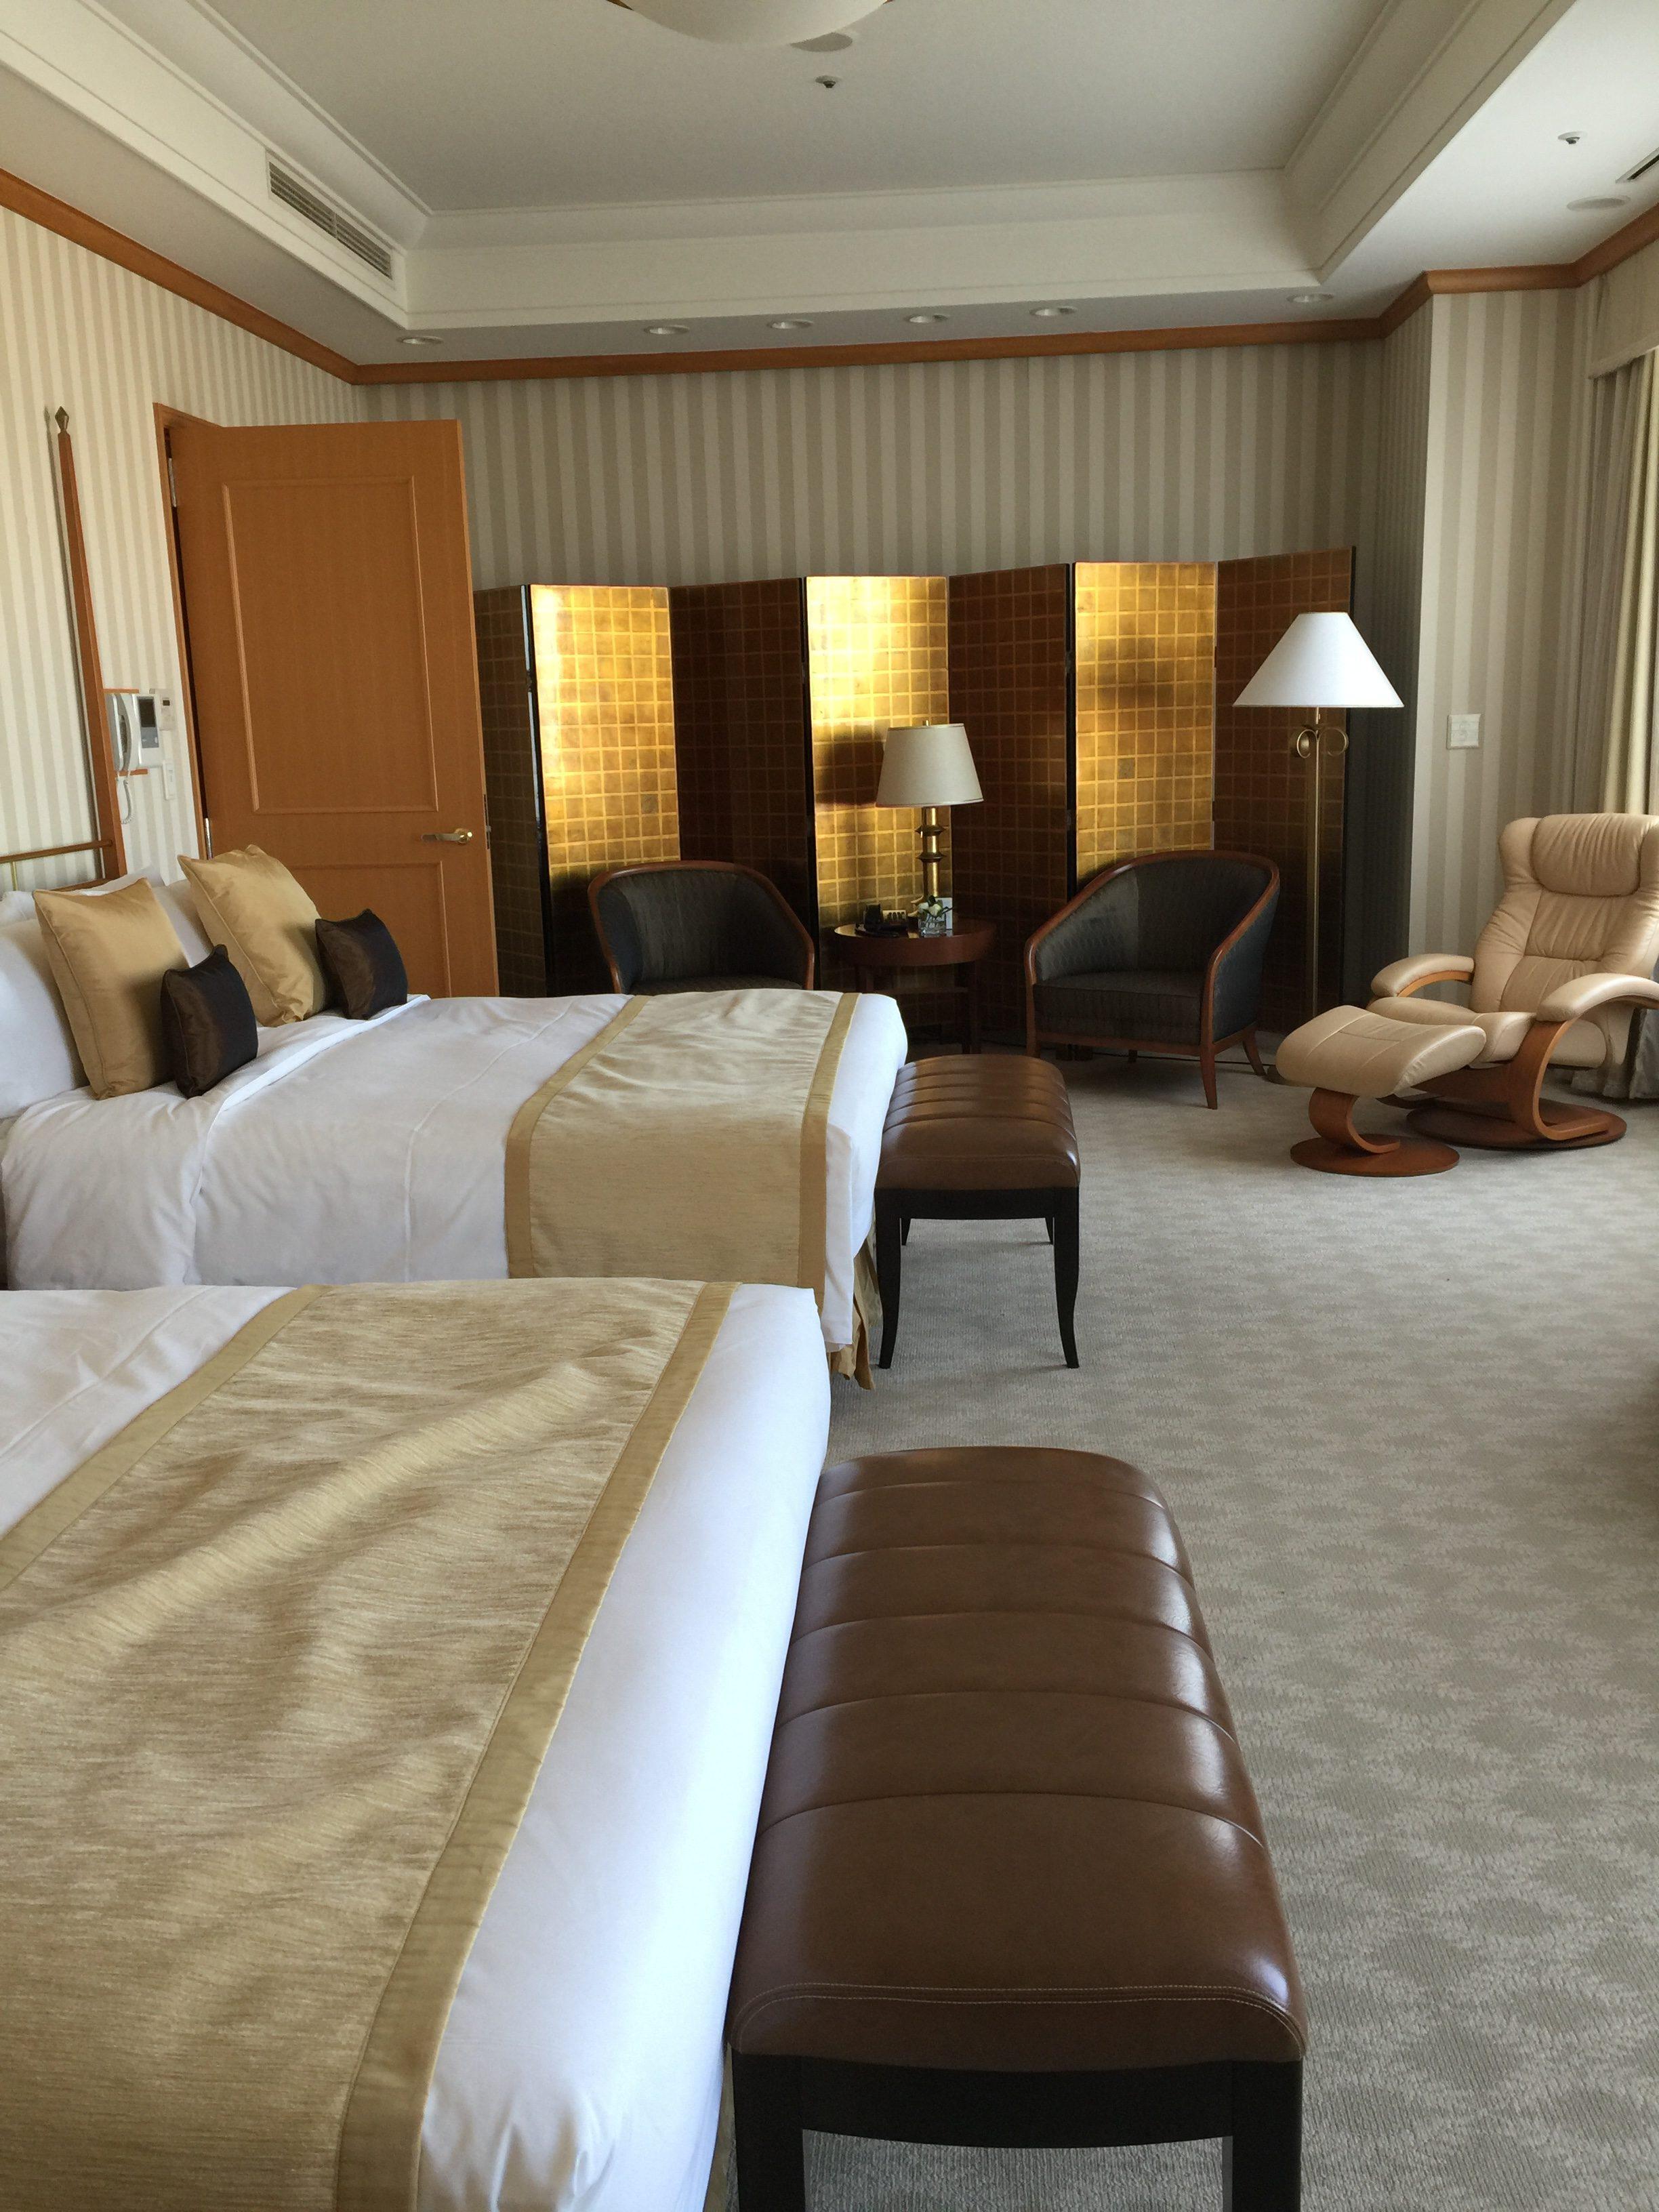 大阪サミットでトランプ大統領が宿泊されたお部屋